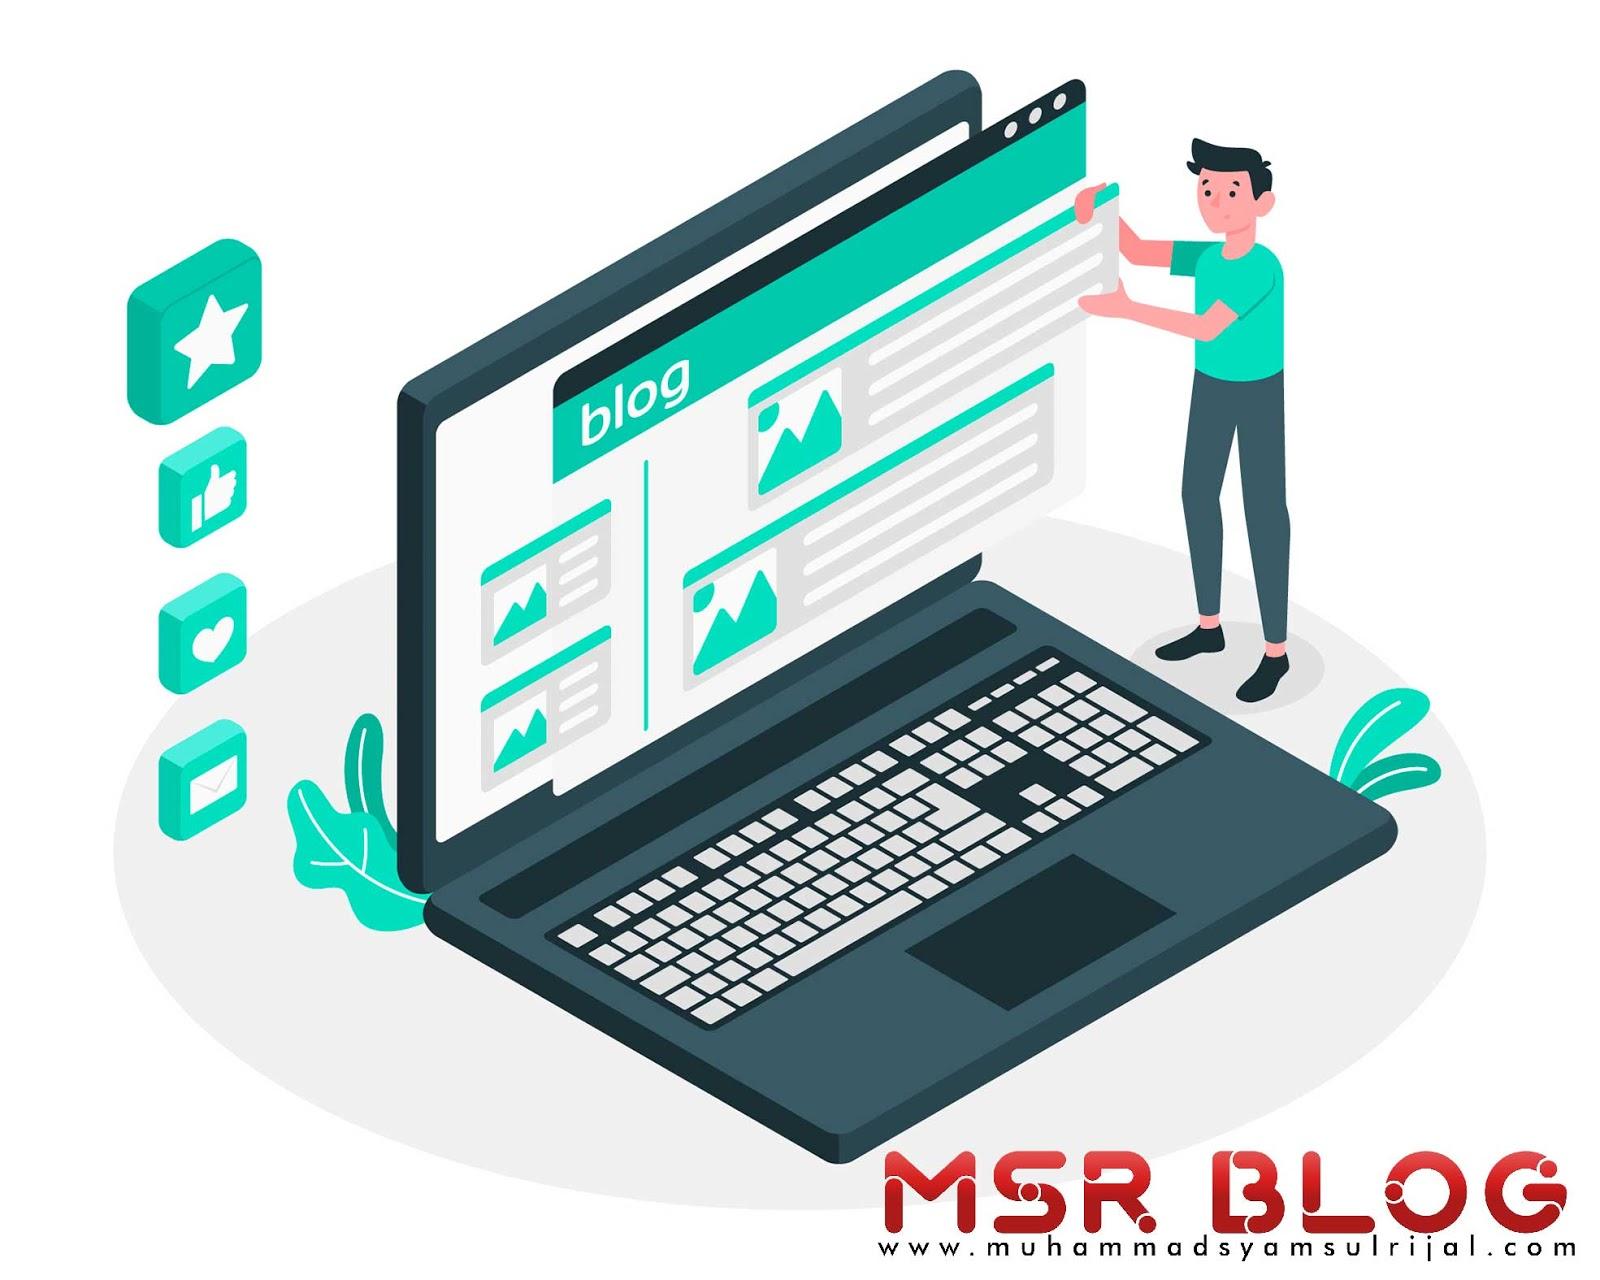 Cara membuat blog di blogger beserta gambar agar mempermudah para pembaca dalam mempraktekkannya. Membuat blog atau website itu ada dua pilihan, bisa menggunakan layanan yang berbayar, bisa juga dengan menggunakan yang Gratis. Kami disini akan memberikan cara membuat blog dengan layanan yang gratis.